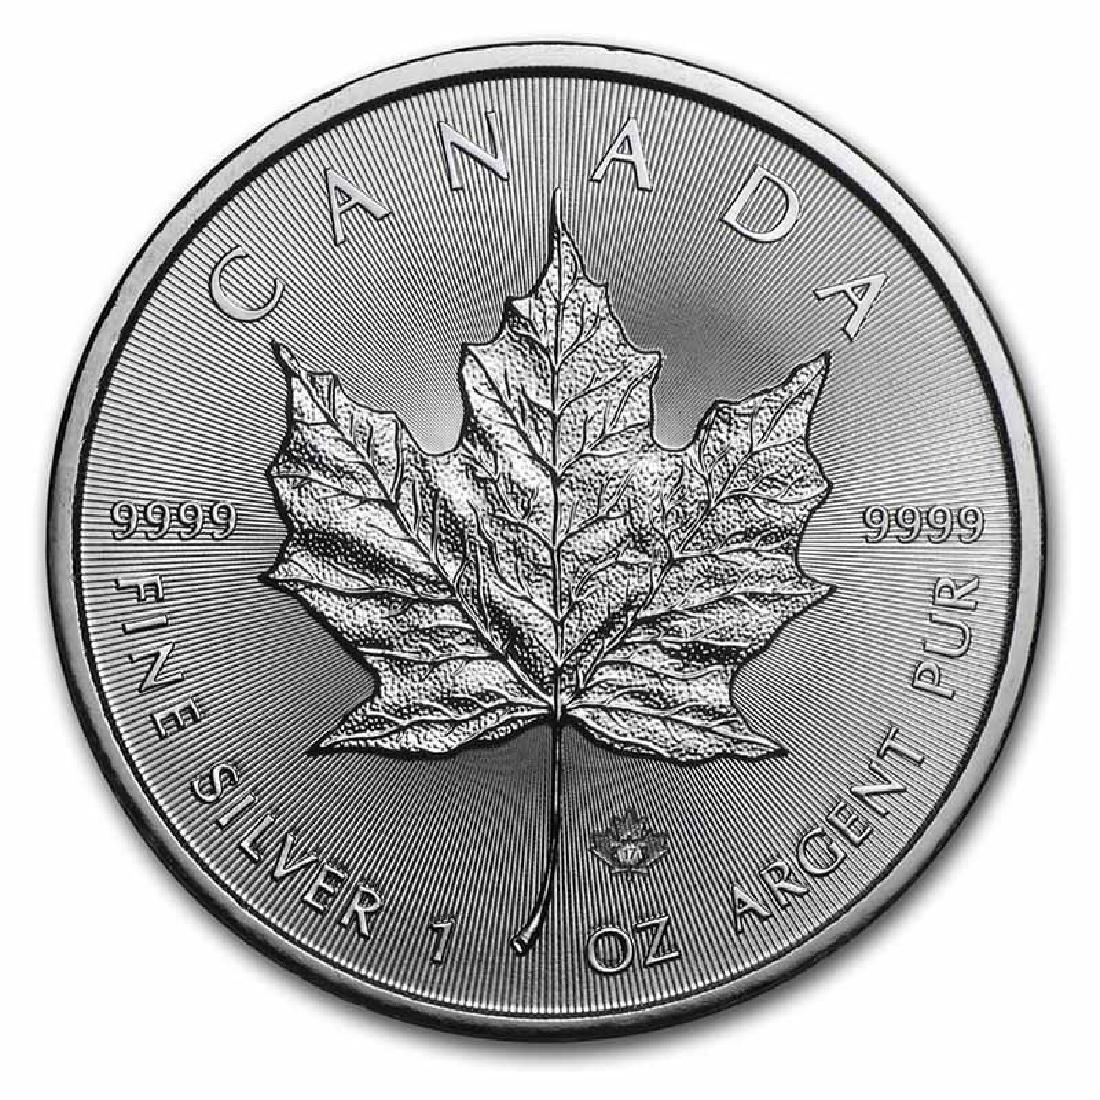 2017 Silver Maple Leaf 1 oz Uncirculated